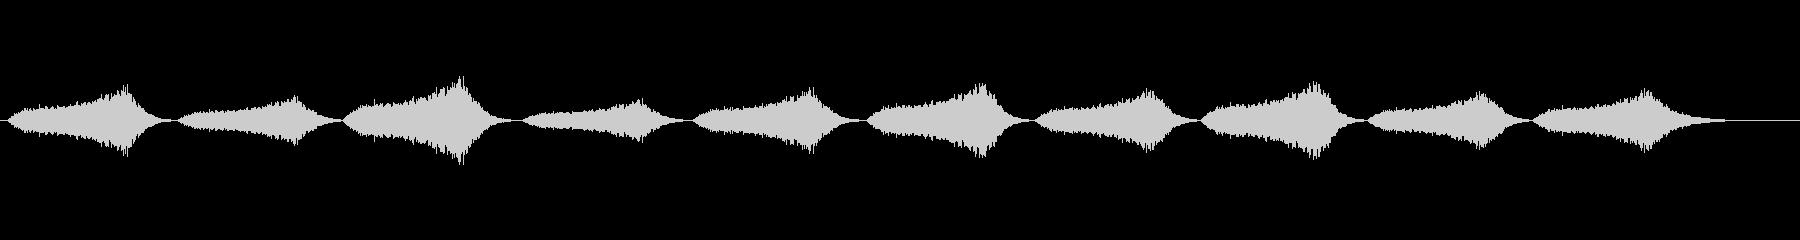 波の音 効果音の未再生の波形